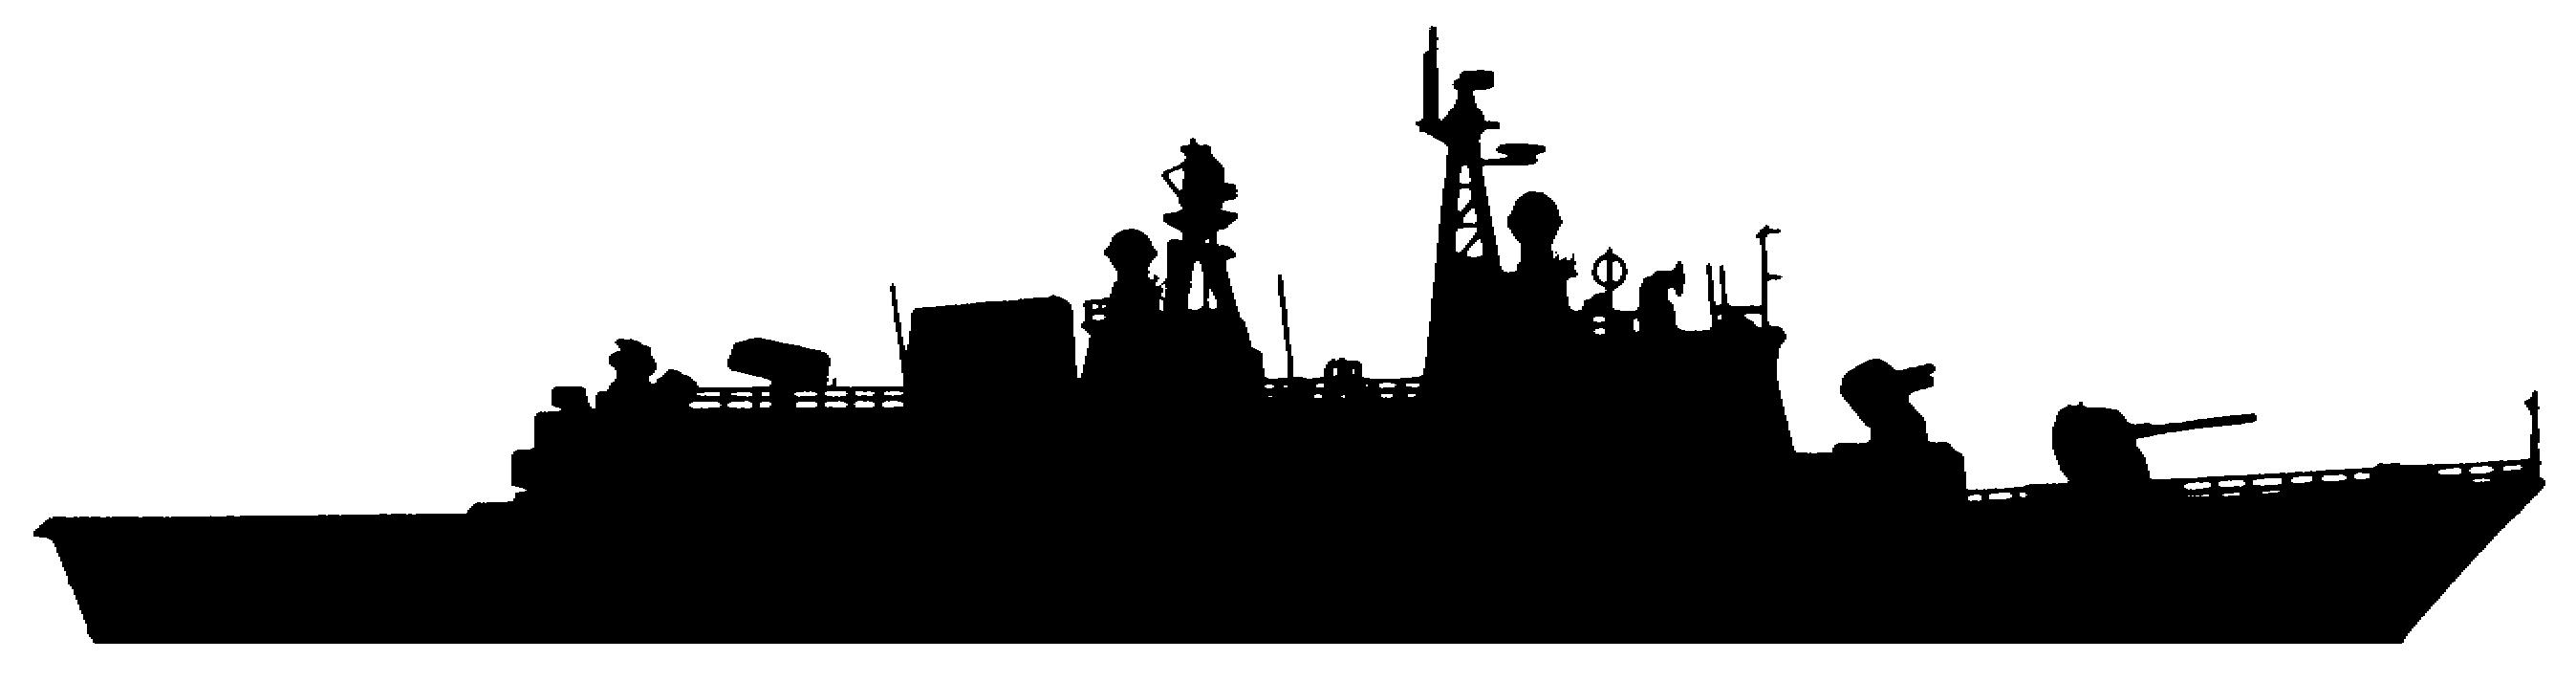 Ship clipart battleship #2